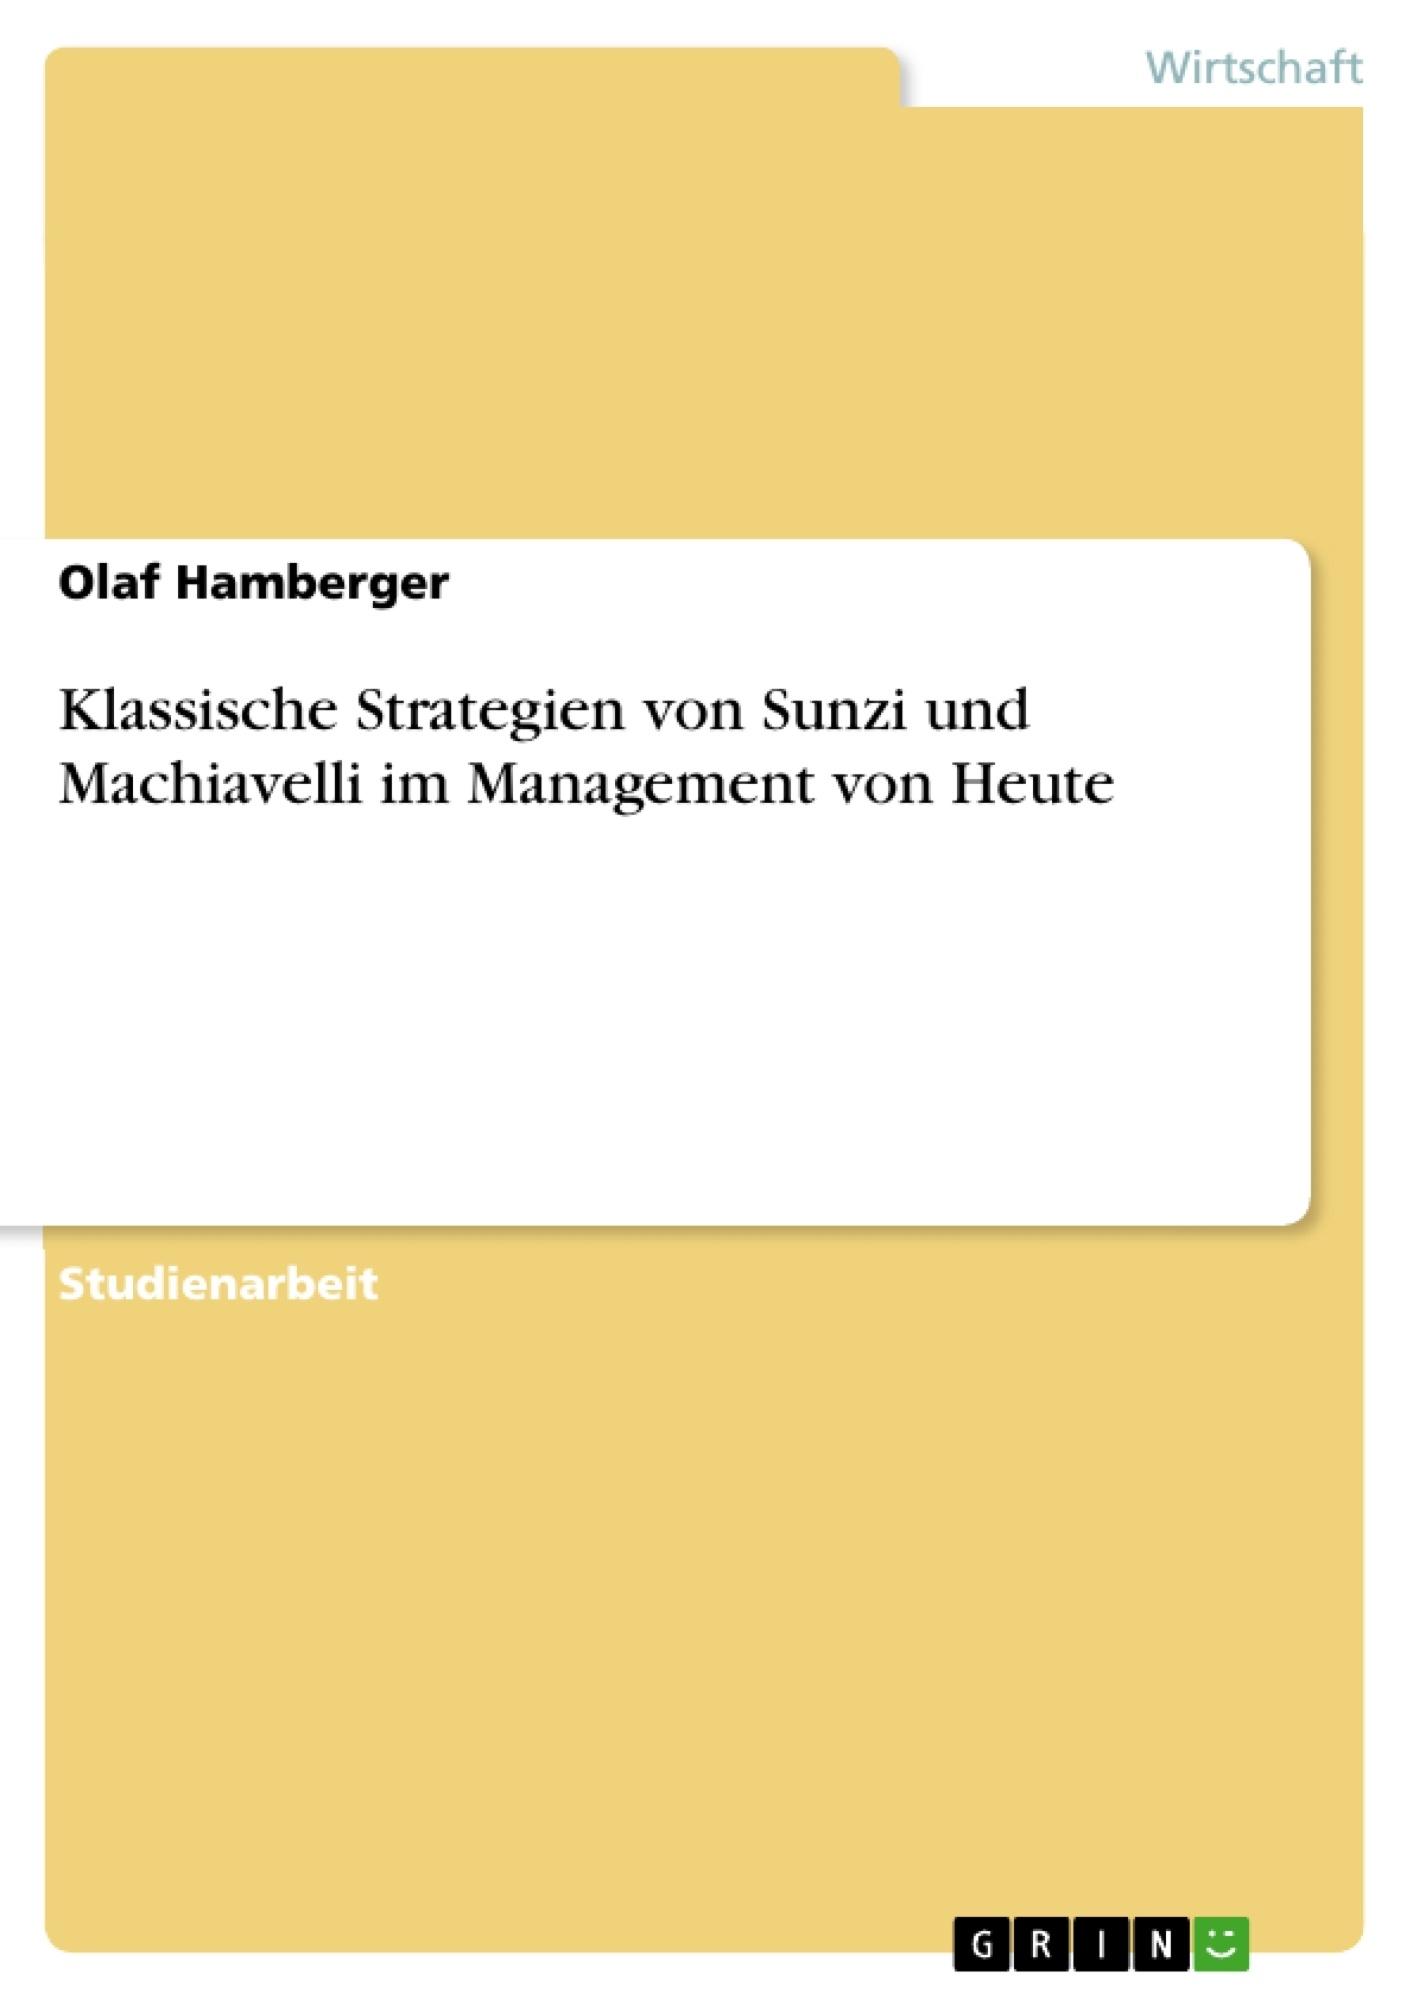 Titel: Klassische Strategien von Sunzi und Machiavelli im Management von Heute